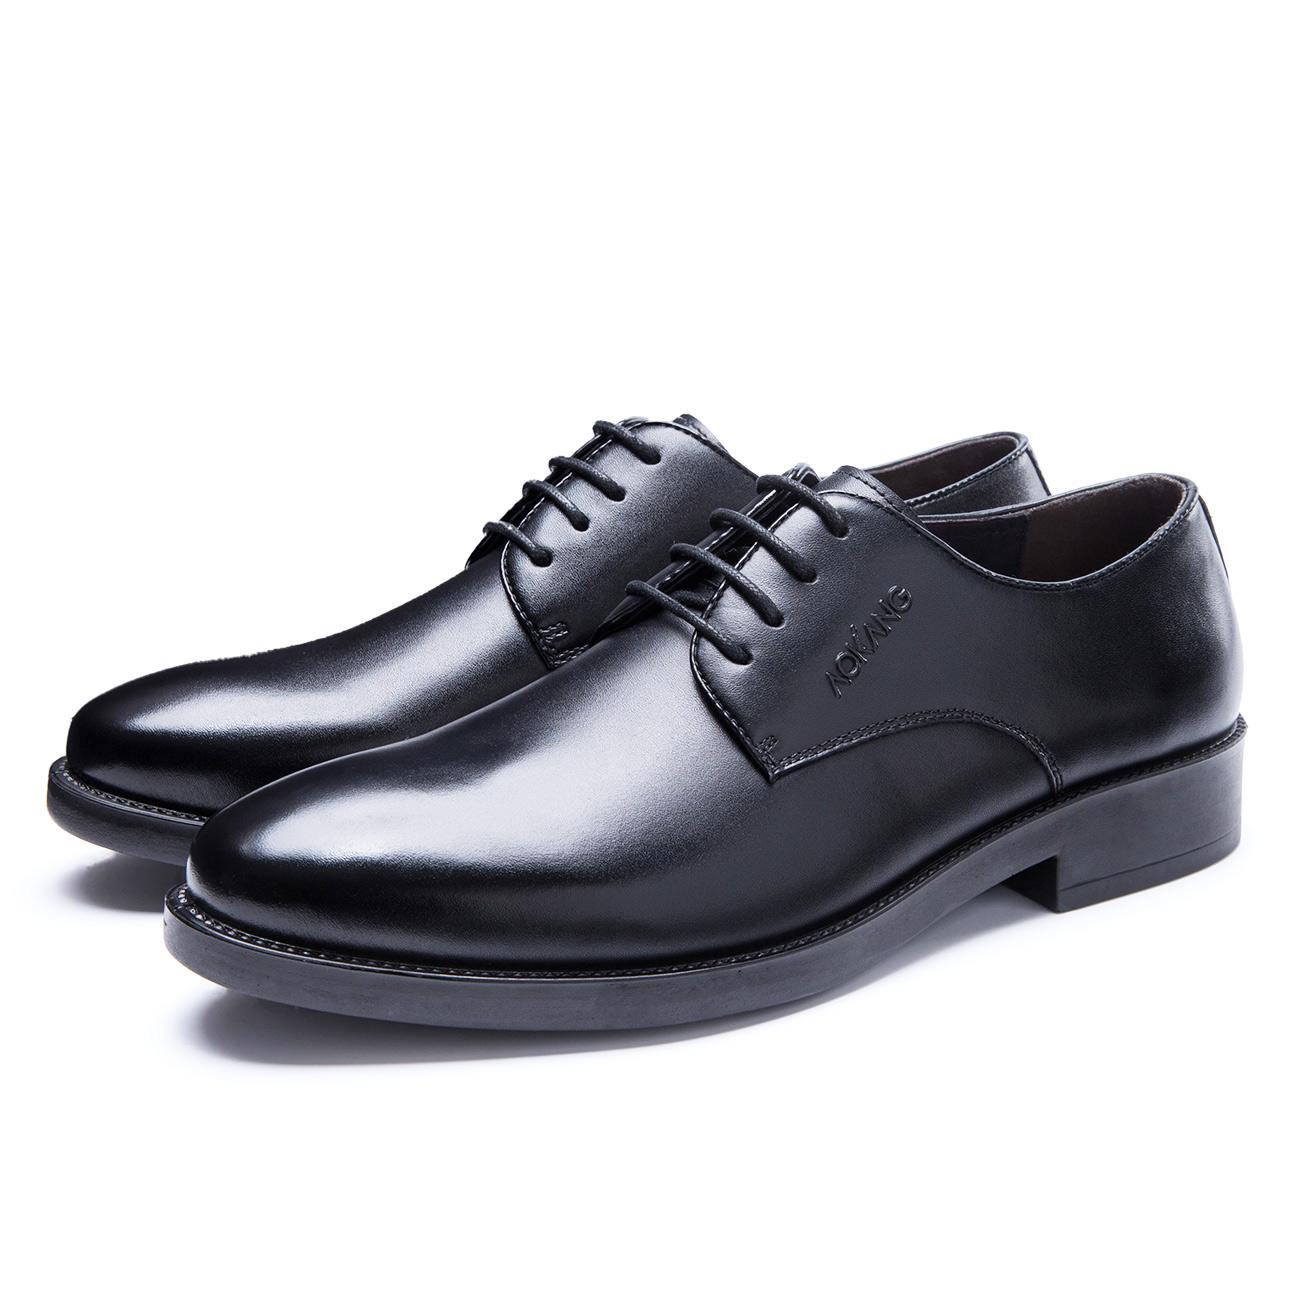 奥康男鞋 秋季新品正装皮鞋男真皮男士商务黑色系带皮鞋子 低帮鞋